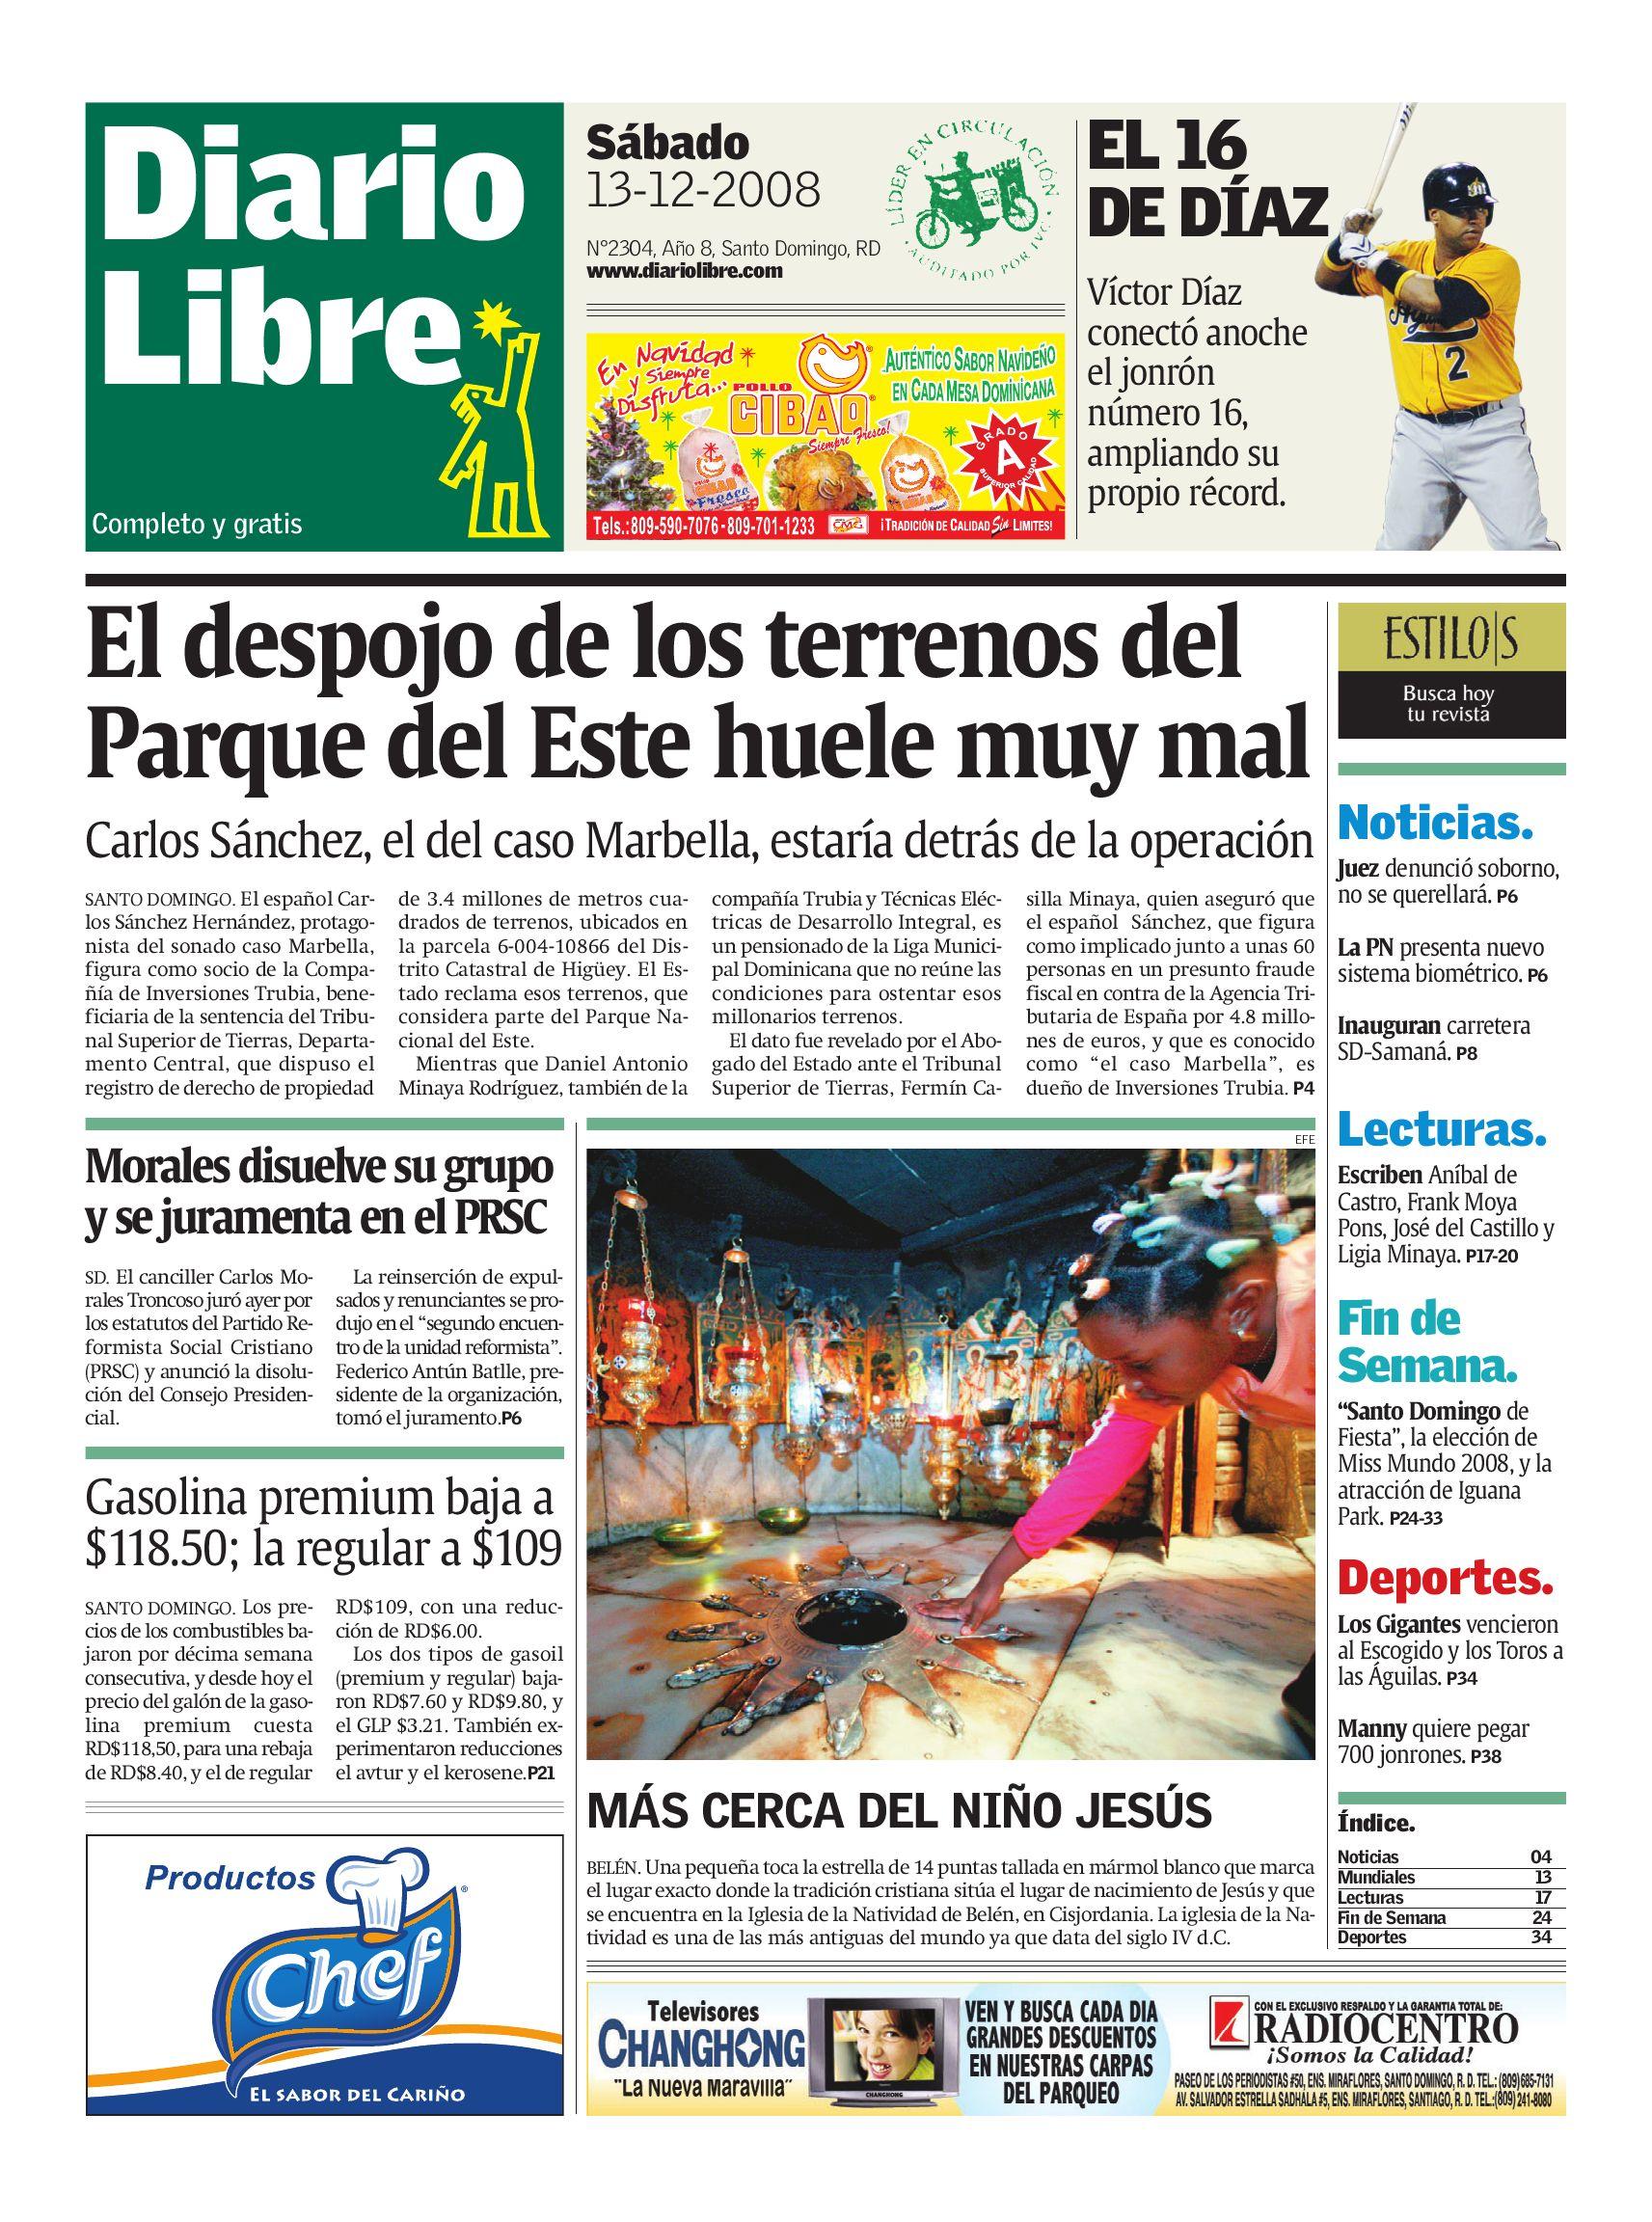 diariolibre2304 by Grupo Diario Libre, S. A. - issuu